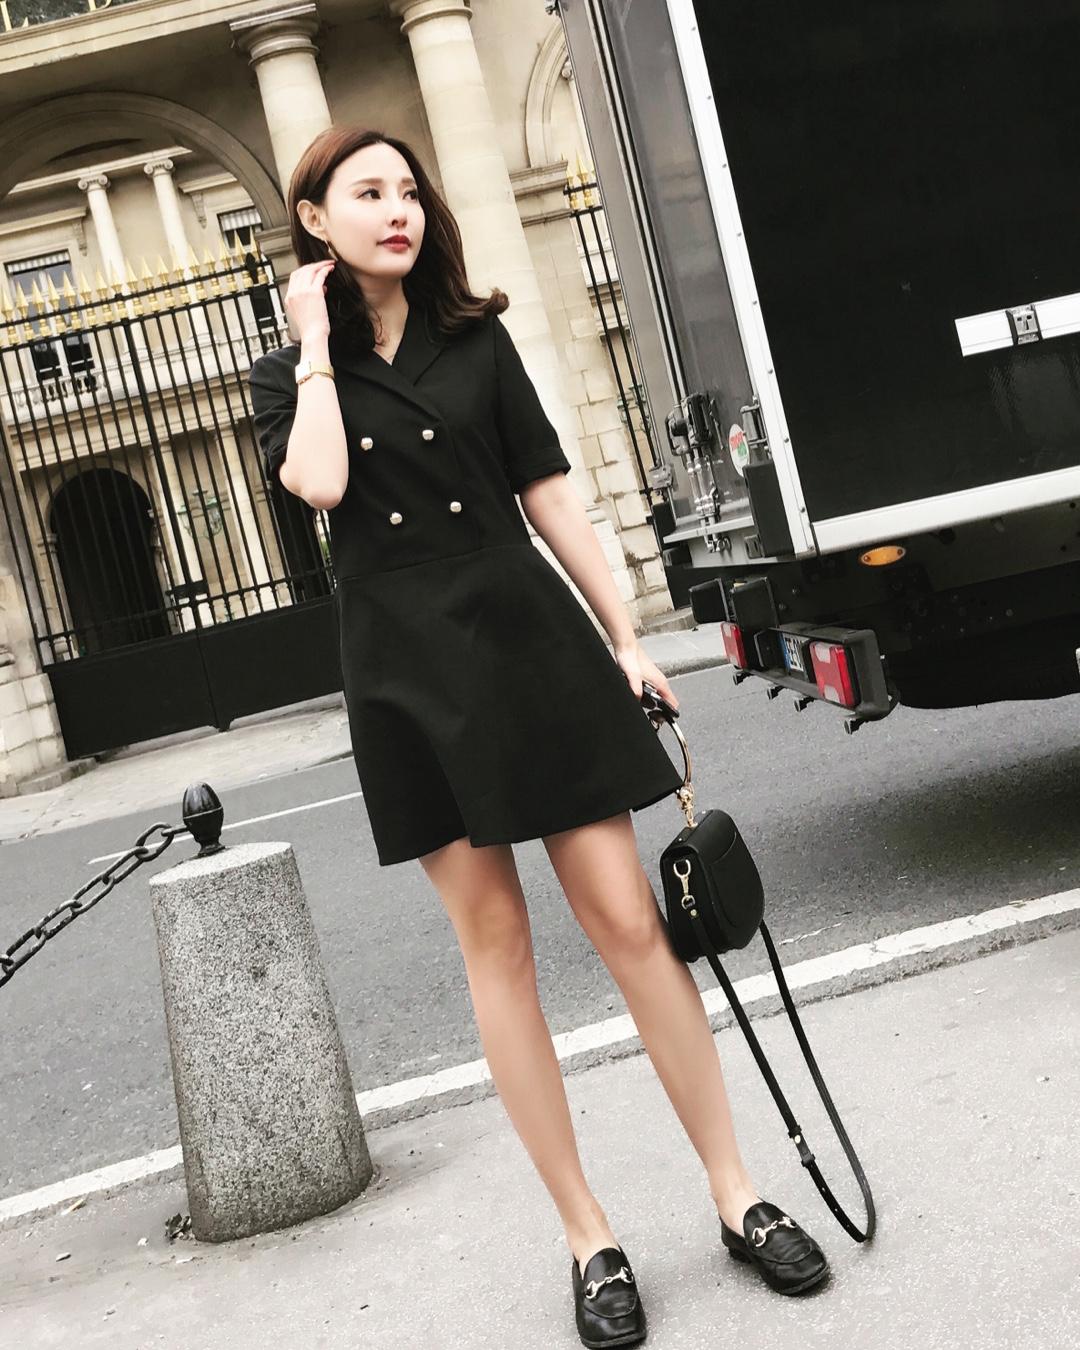 金扣连衣裙 黑色完全可以hold住全场 任何人穿了都显瘦的哦! 大爱款! #网红衣橱大公开,赶紧收藏!#